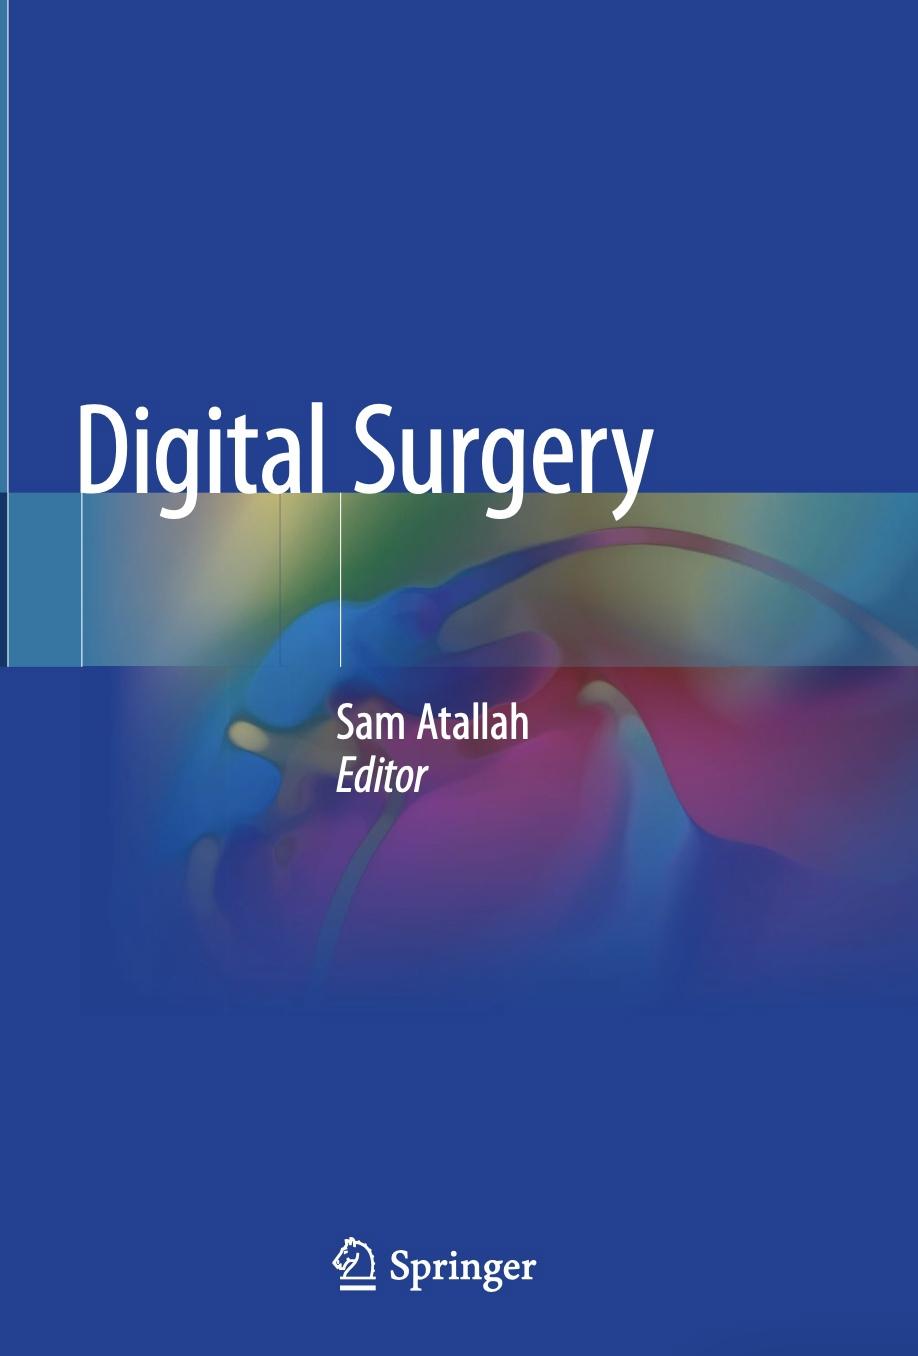 Digital Surgery (Atallah) 2021 HaQ1lRkyFO8.jpg?size